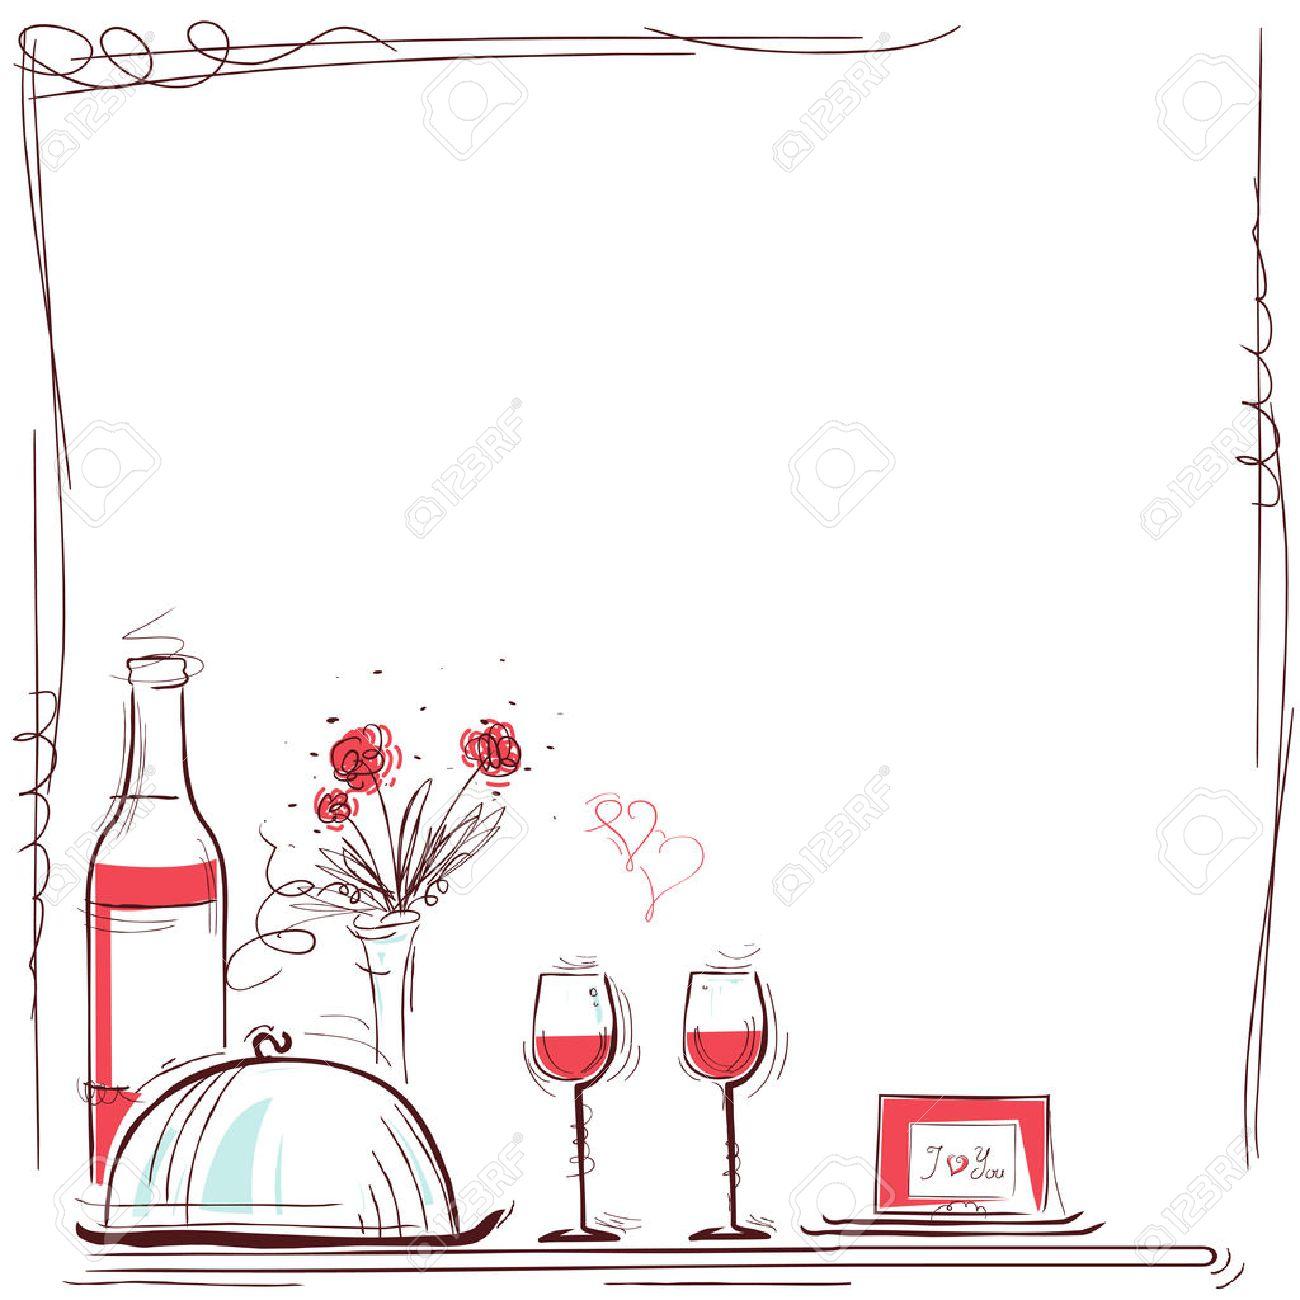 Ejemplo De La Tarjeta Romántica Cena Con Vino Y Comida Para Los Amantes Fondo Para El Texto